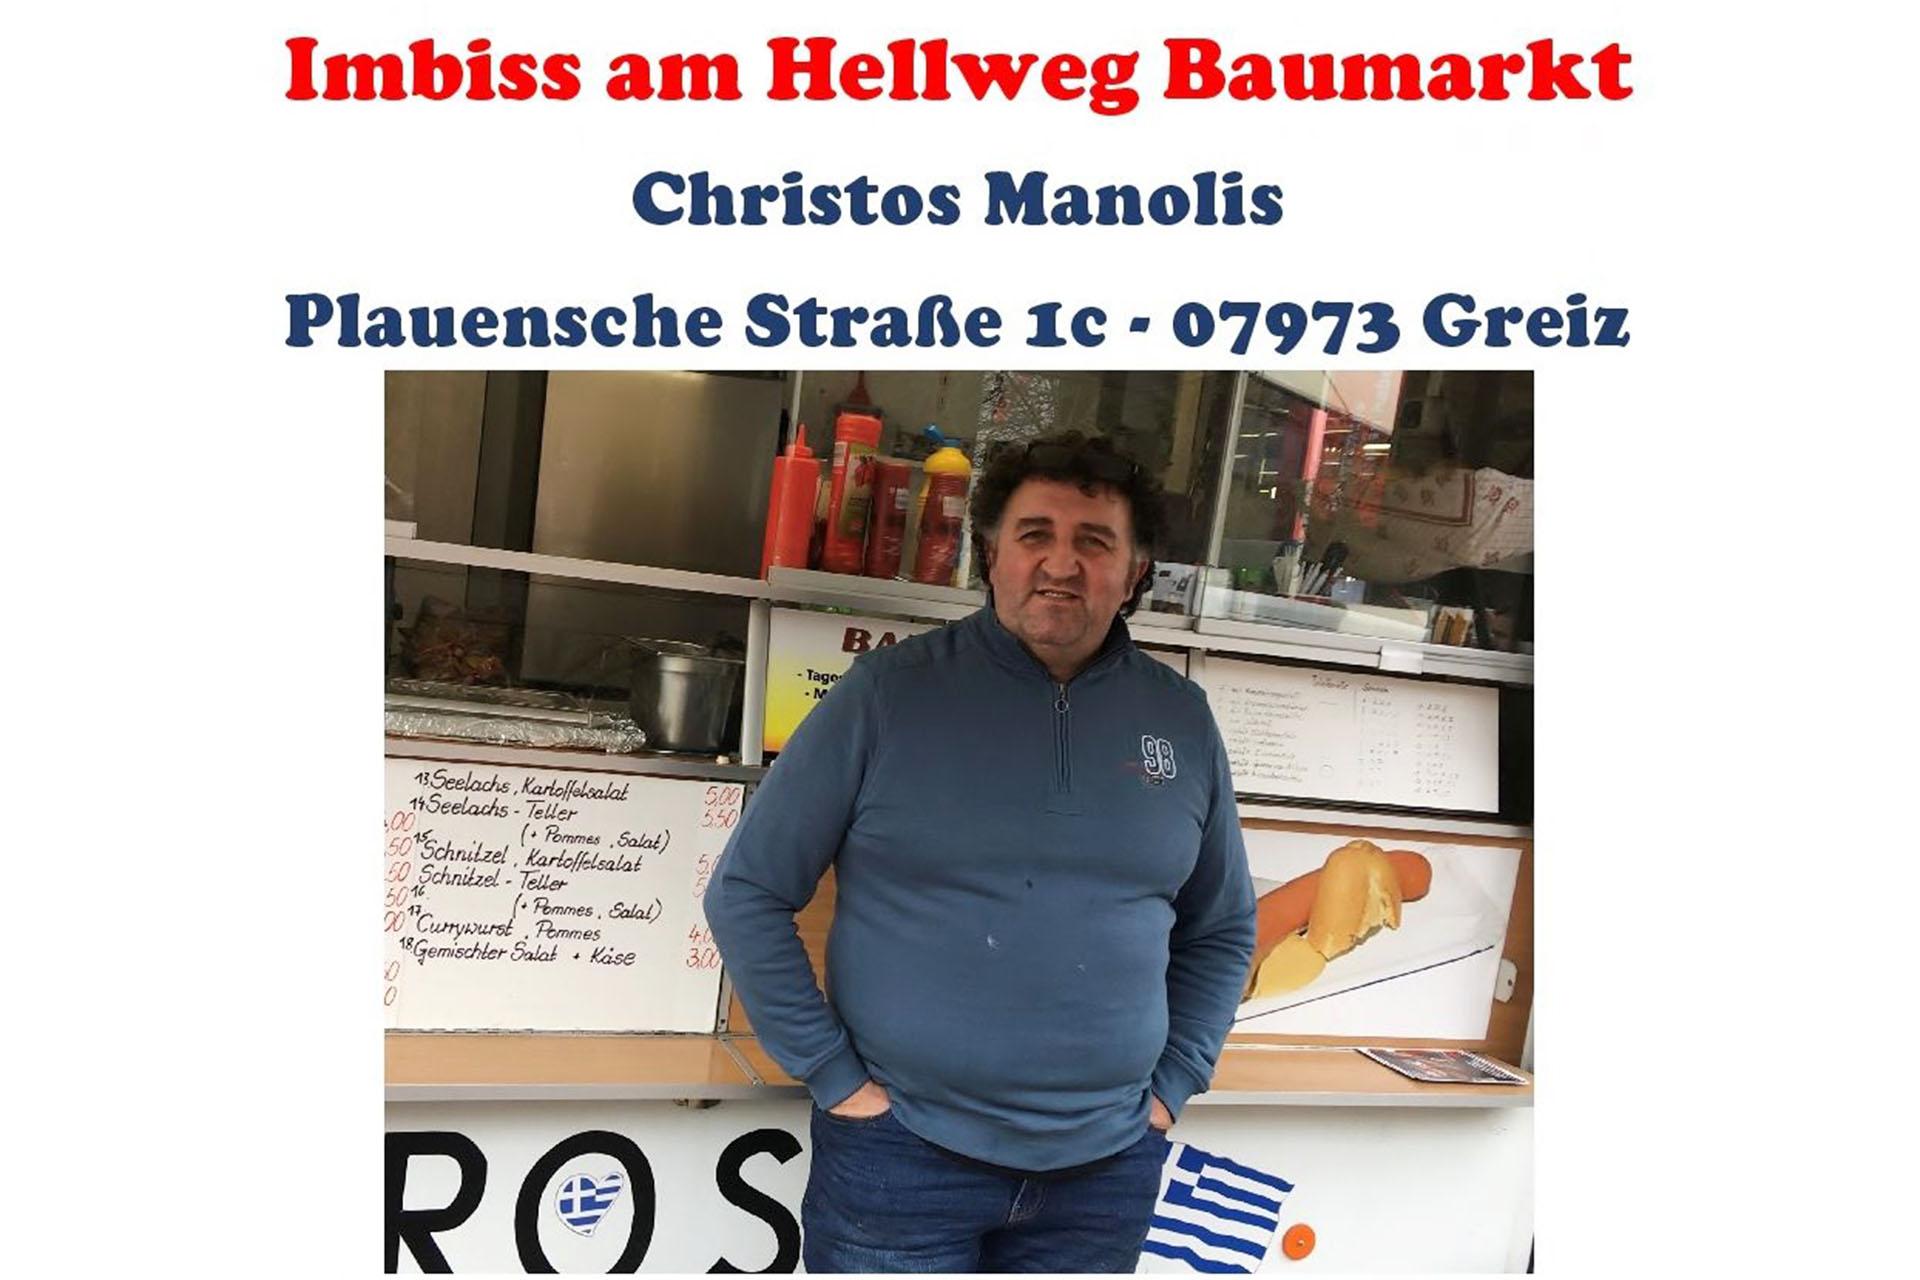 Christos Manolis - Inhaber des Imbiss am Hellweg Baumarkt in Greiz - unterstützt nun unsere Vereinsarbeit.